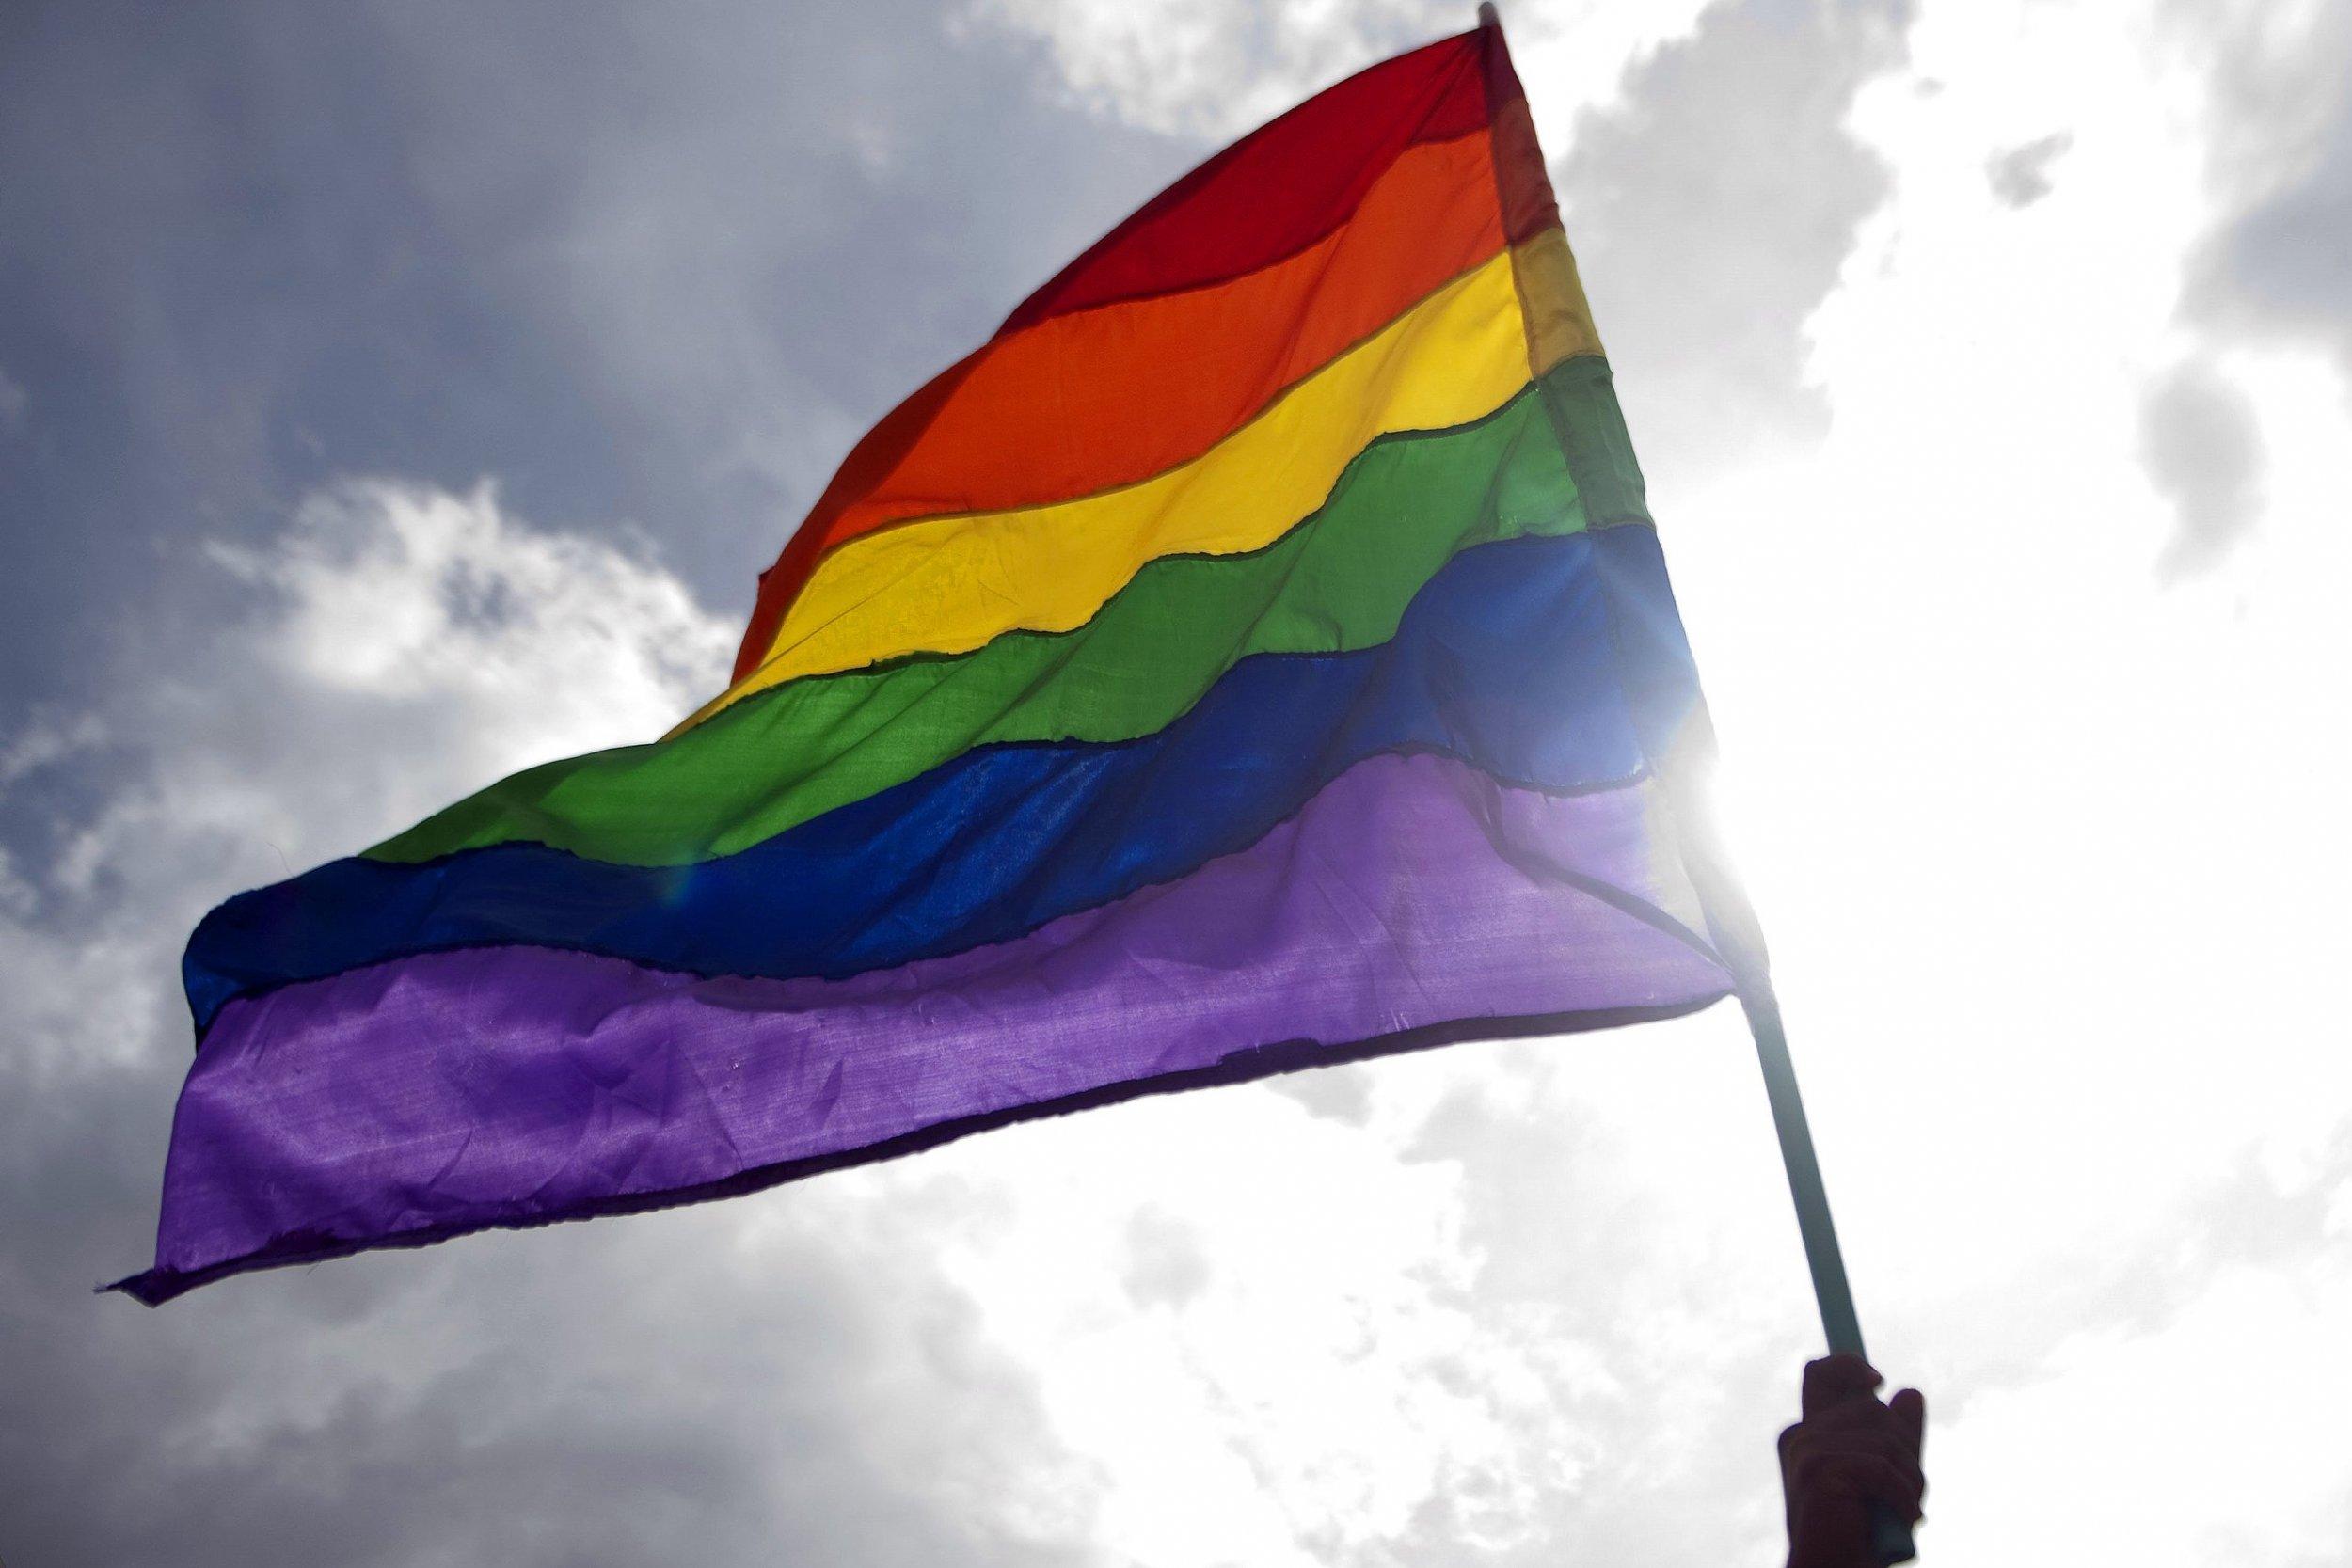 graff-FEO134-gayrights-tease